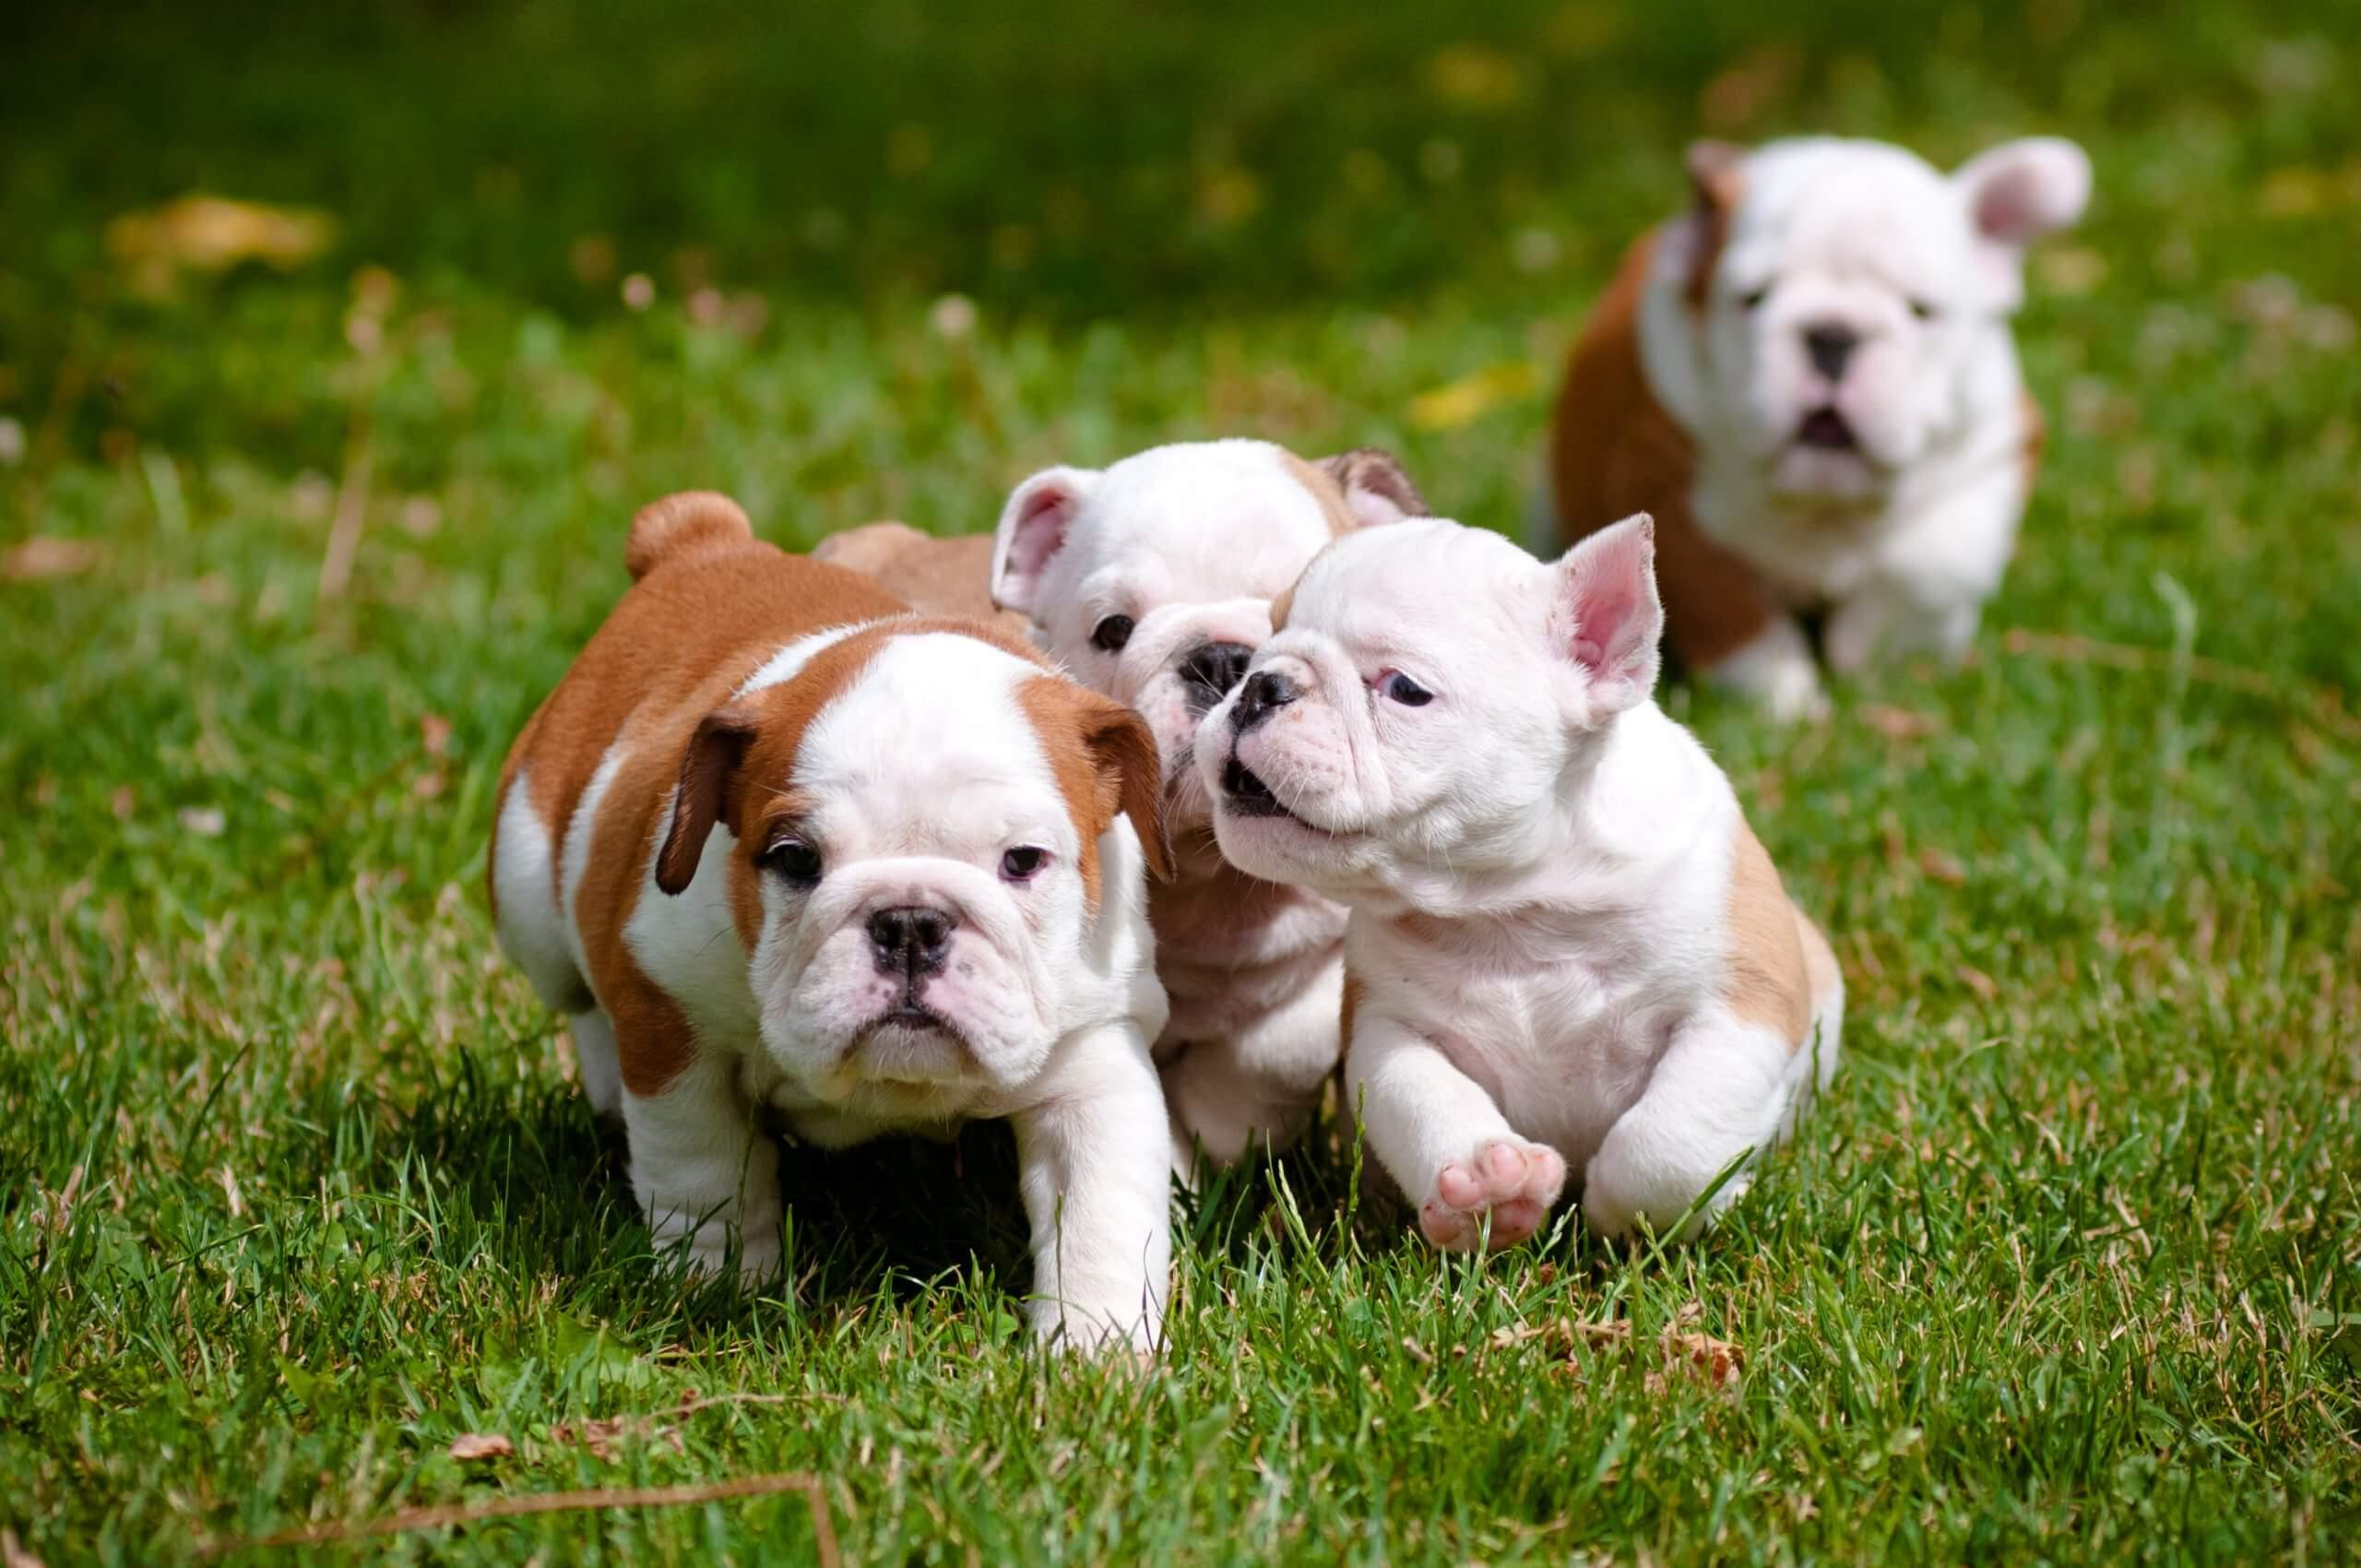 flat-faced English bulldog puppies playing